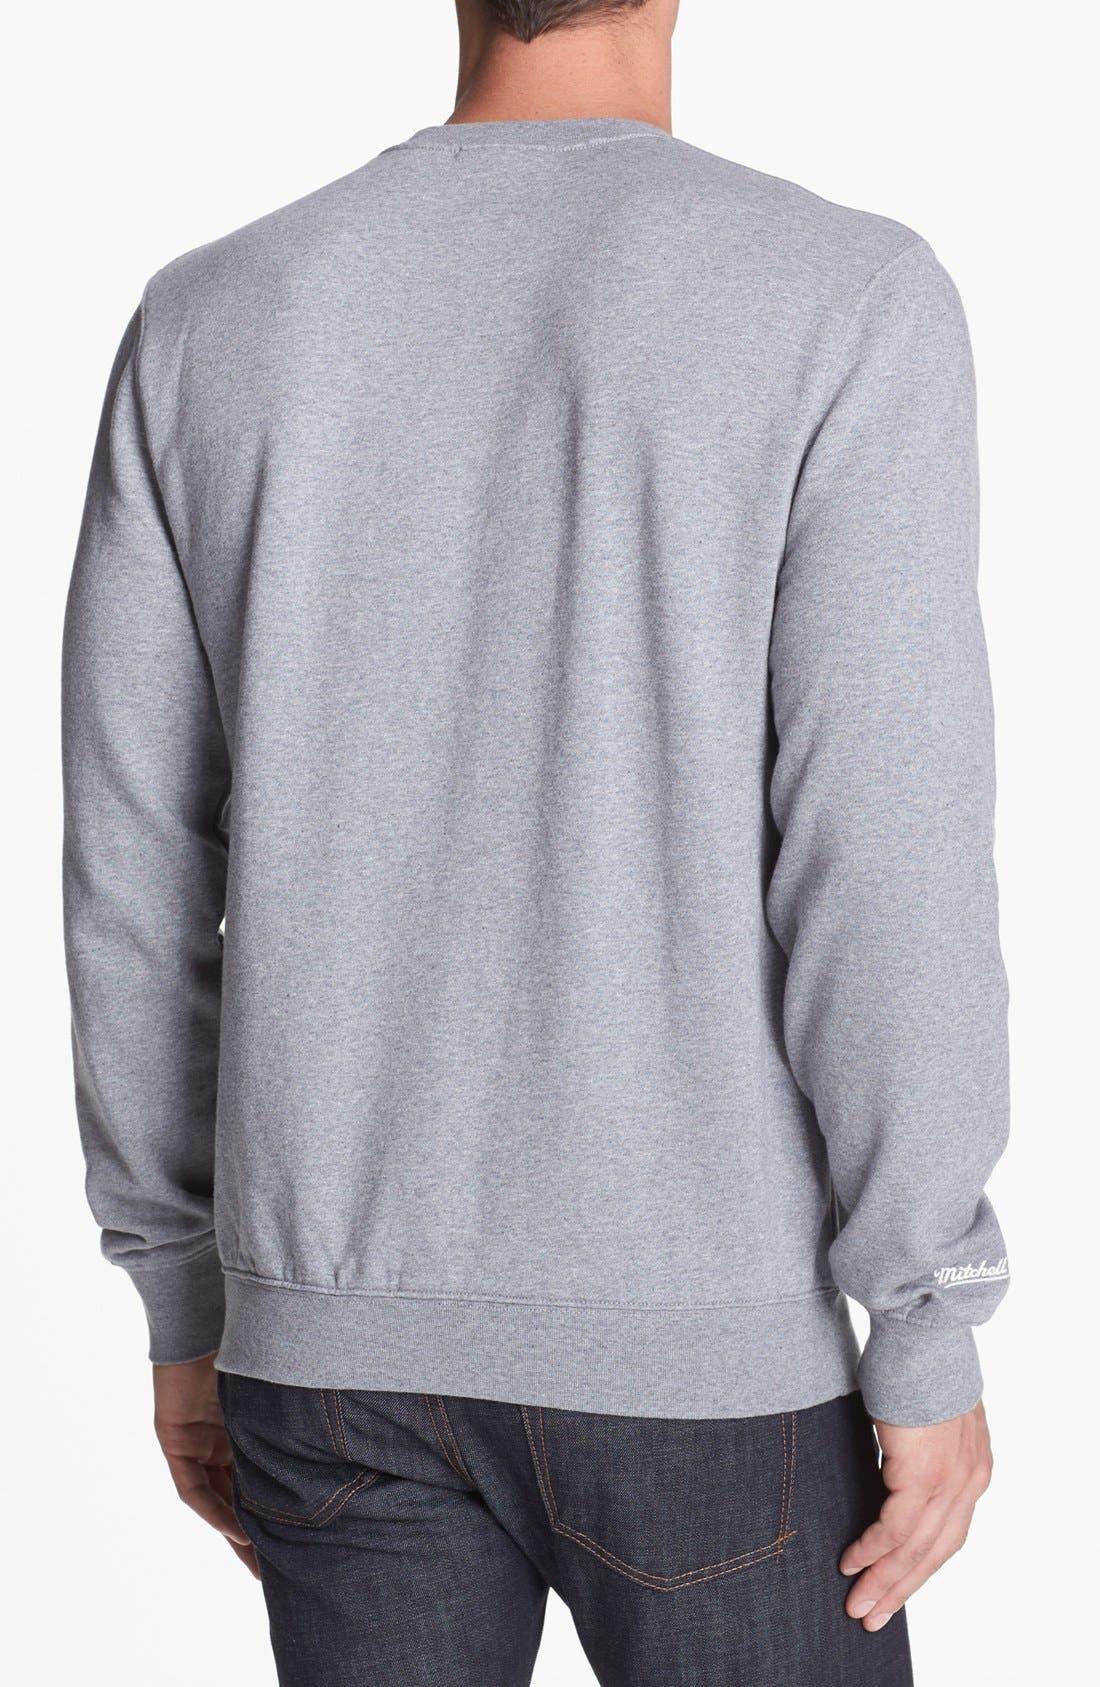 Alternate Image 2  - Mitchell & Ness 'Green Bay Packers' Sweatshirt